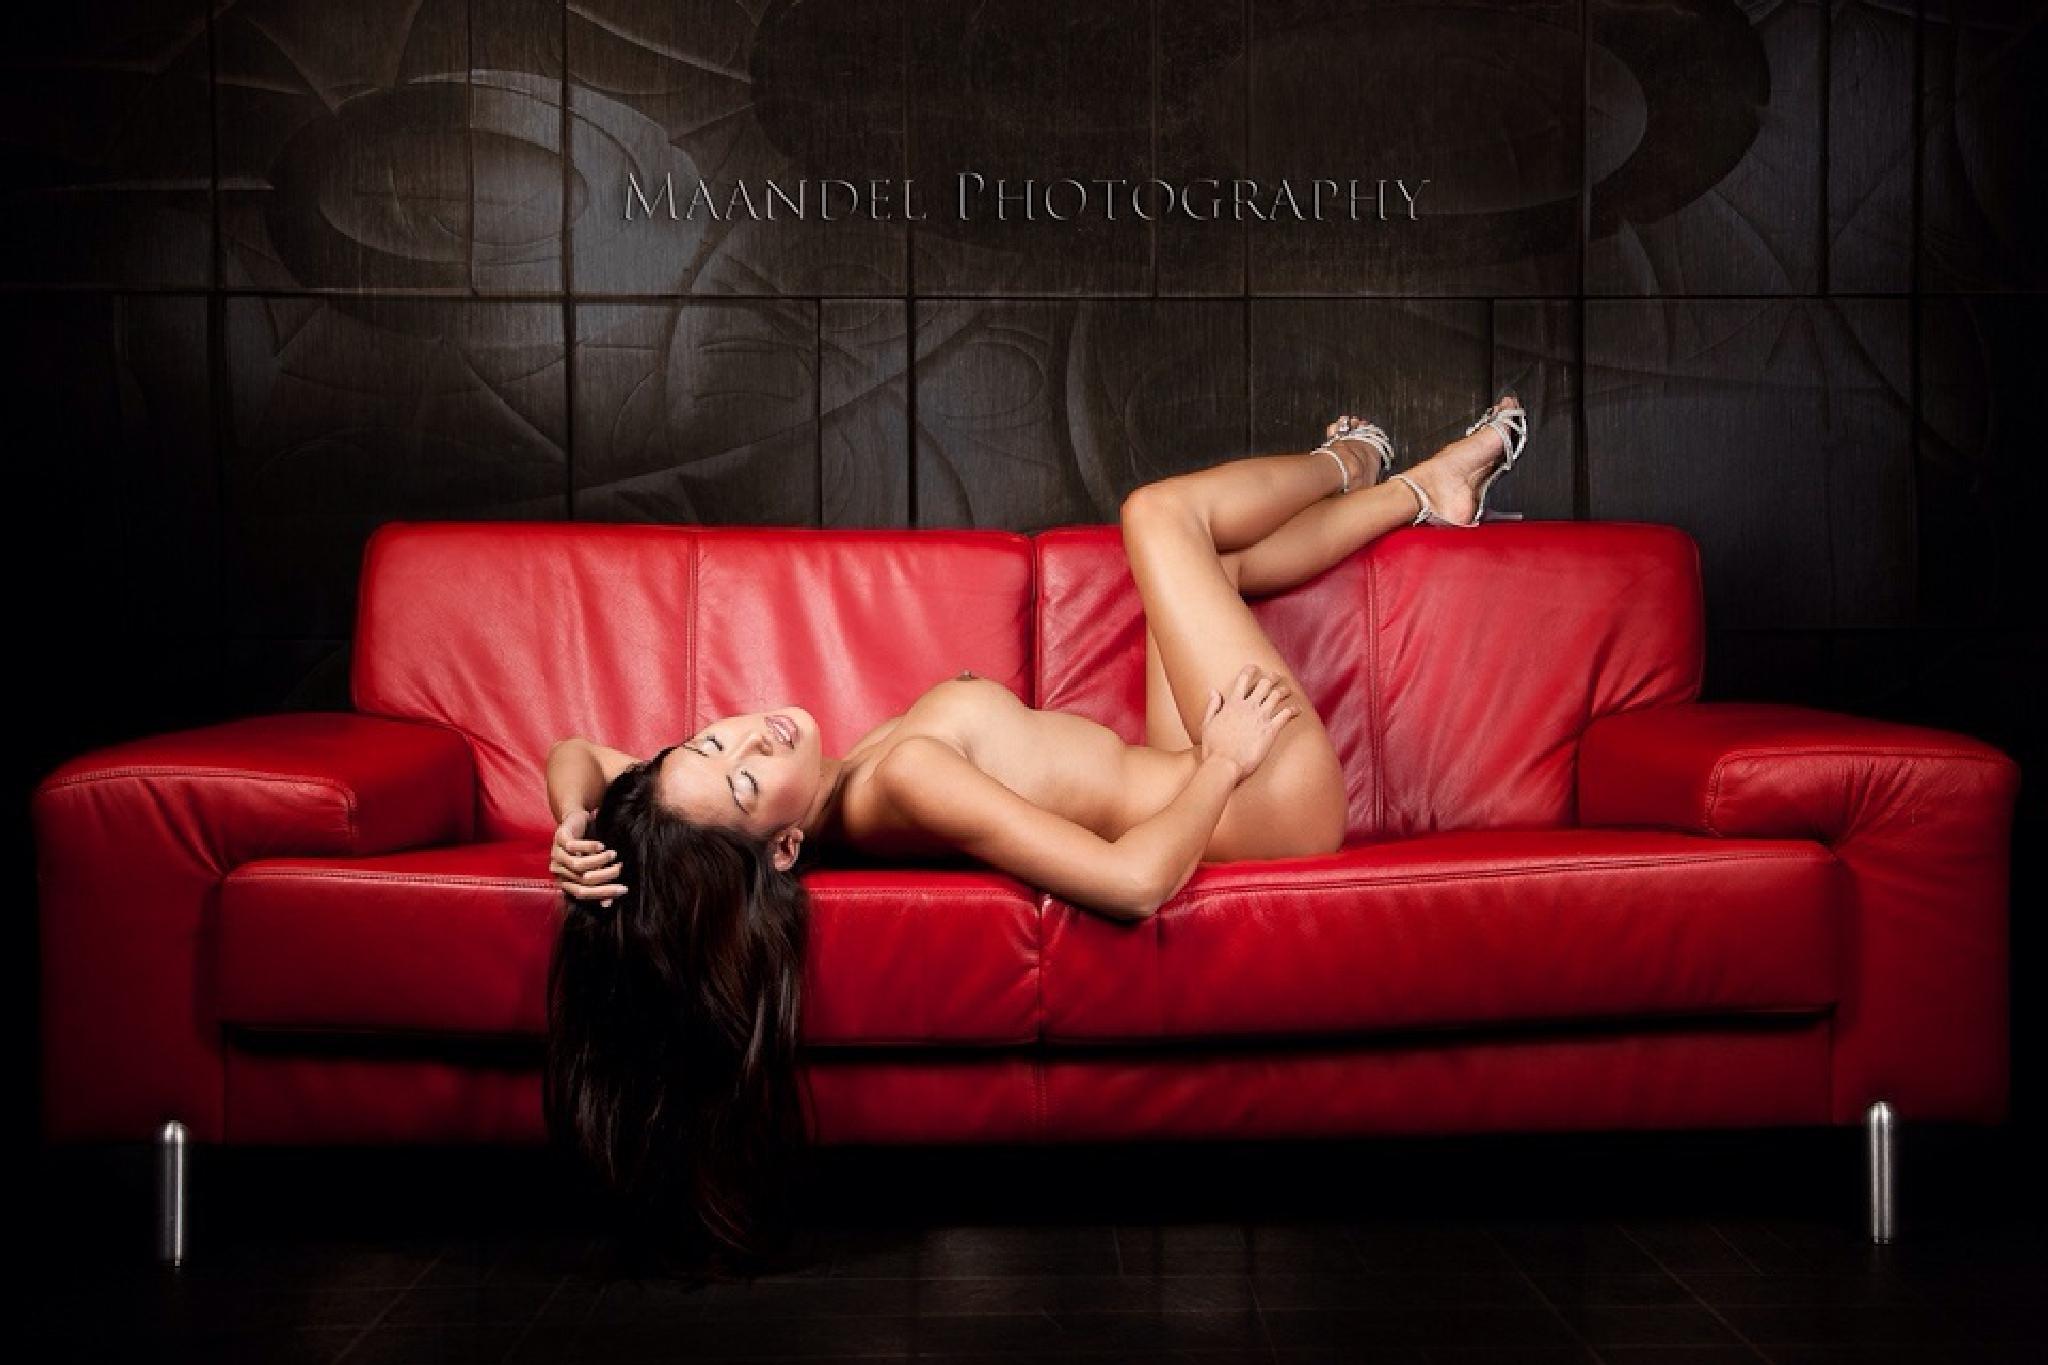 Danika by Maandel Photography